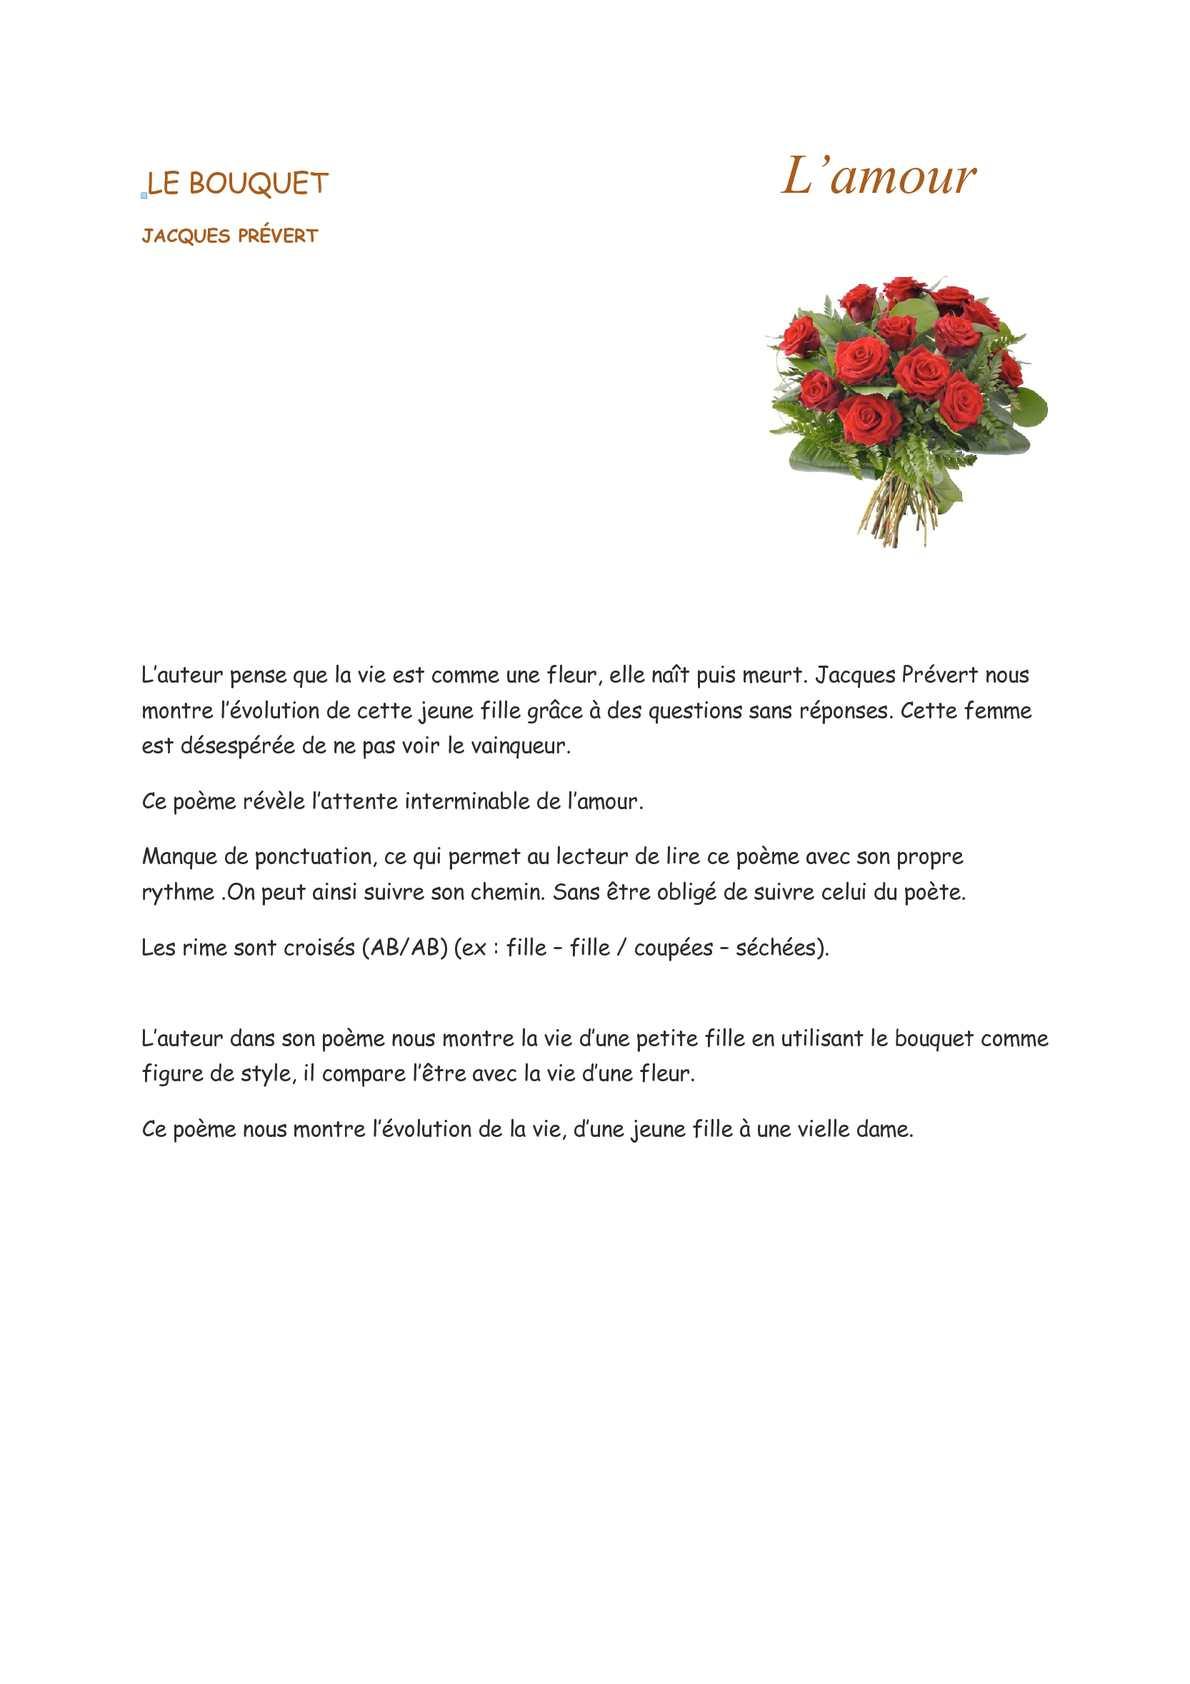 Calaméo - Le Bouquet - Page 10 dedans Poeme De Jacque Prevert